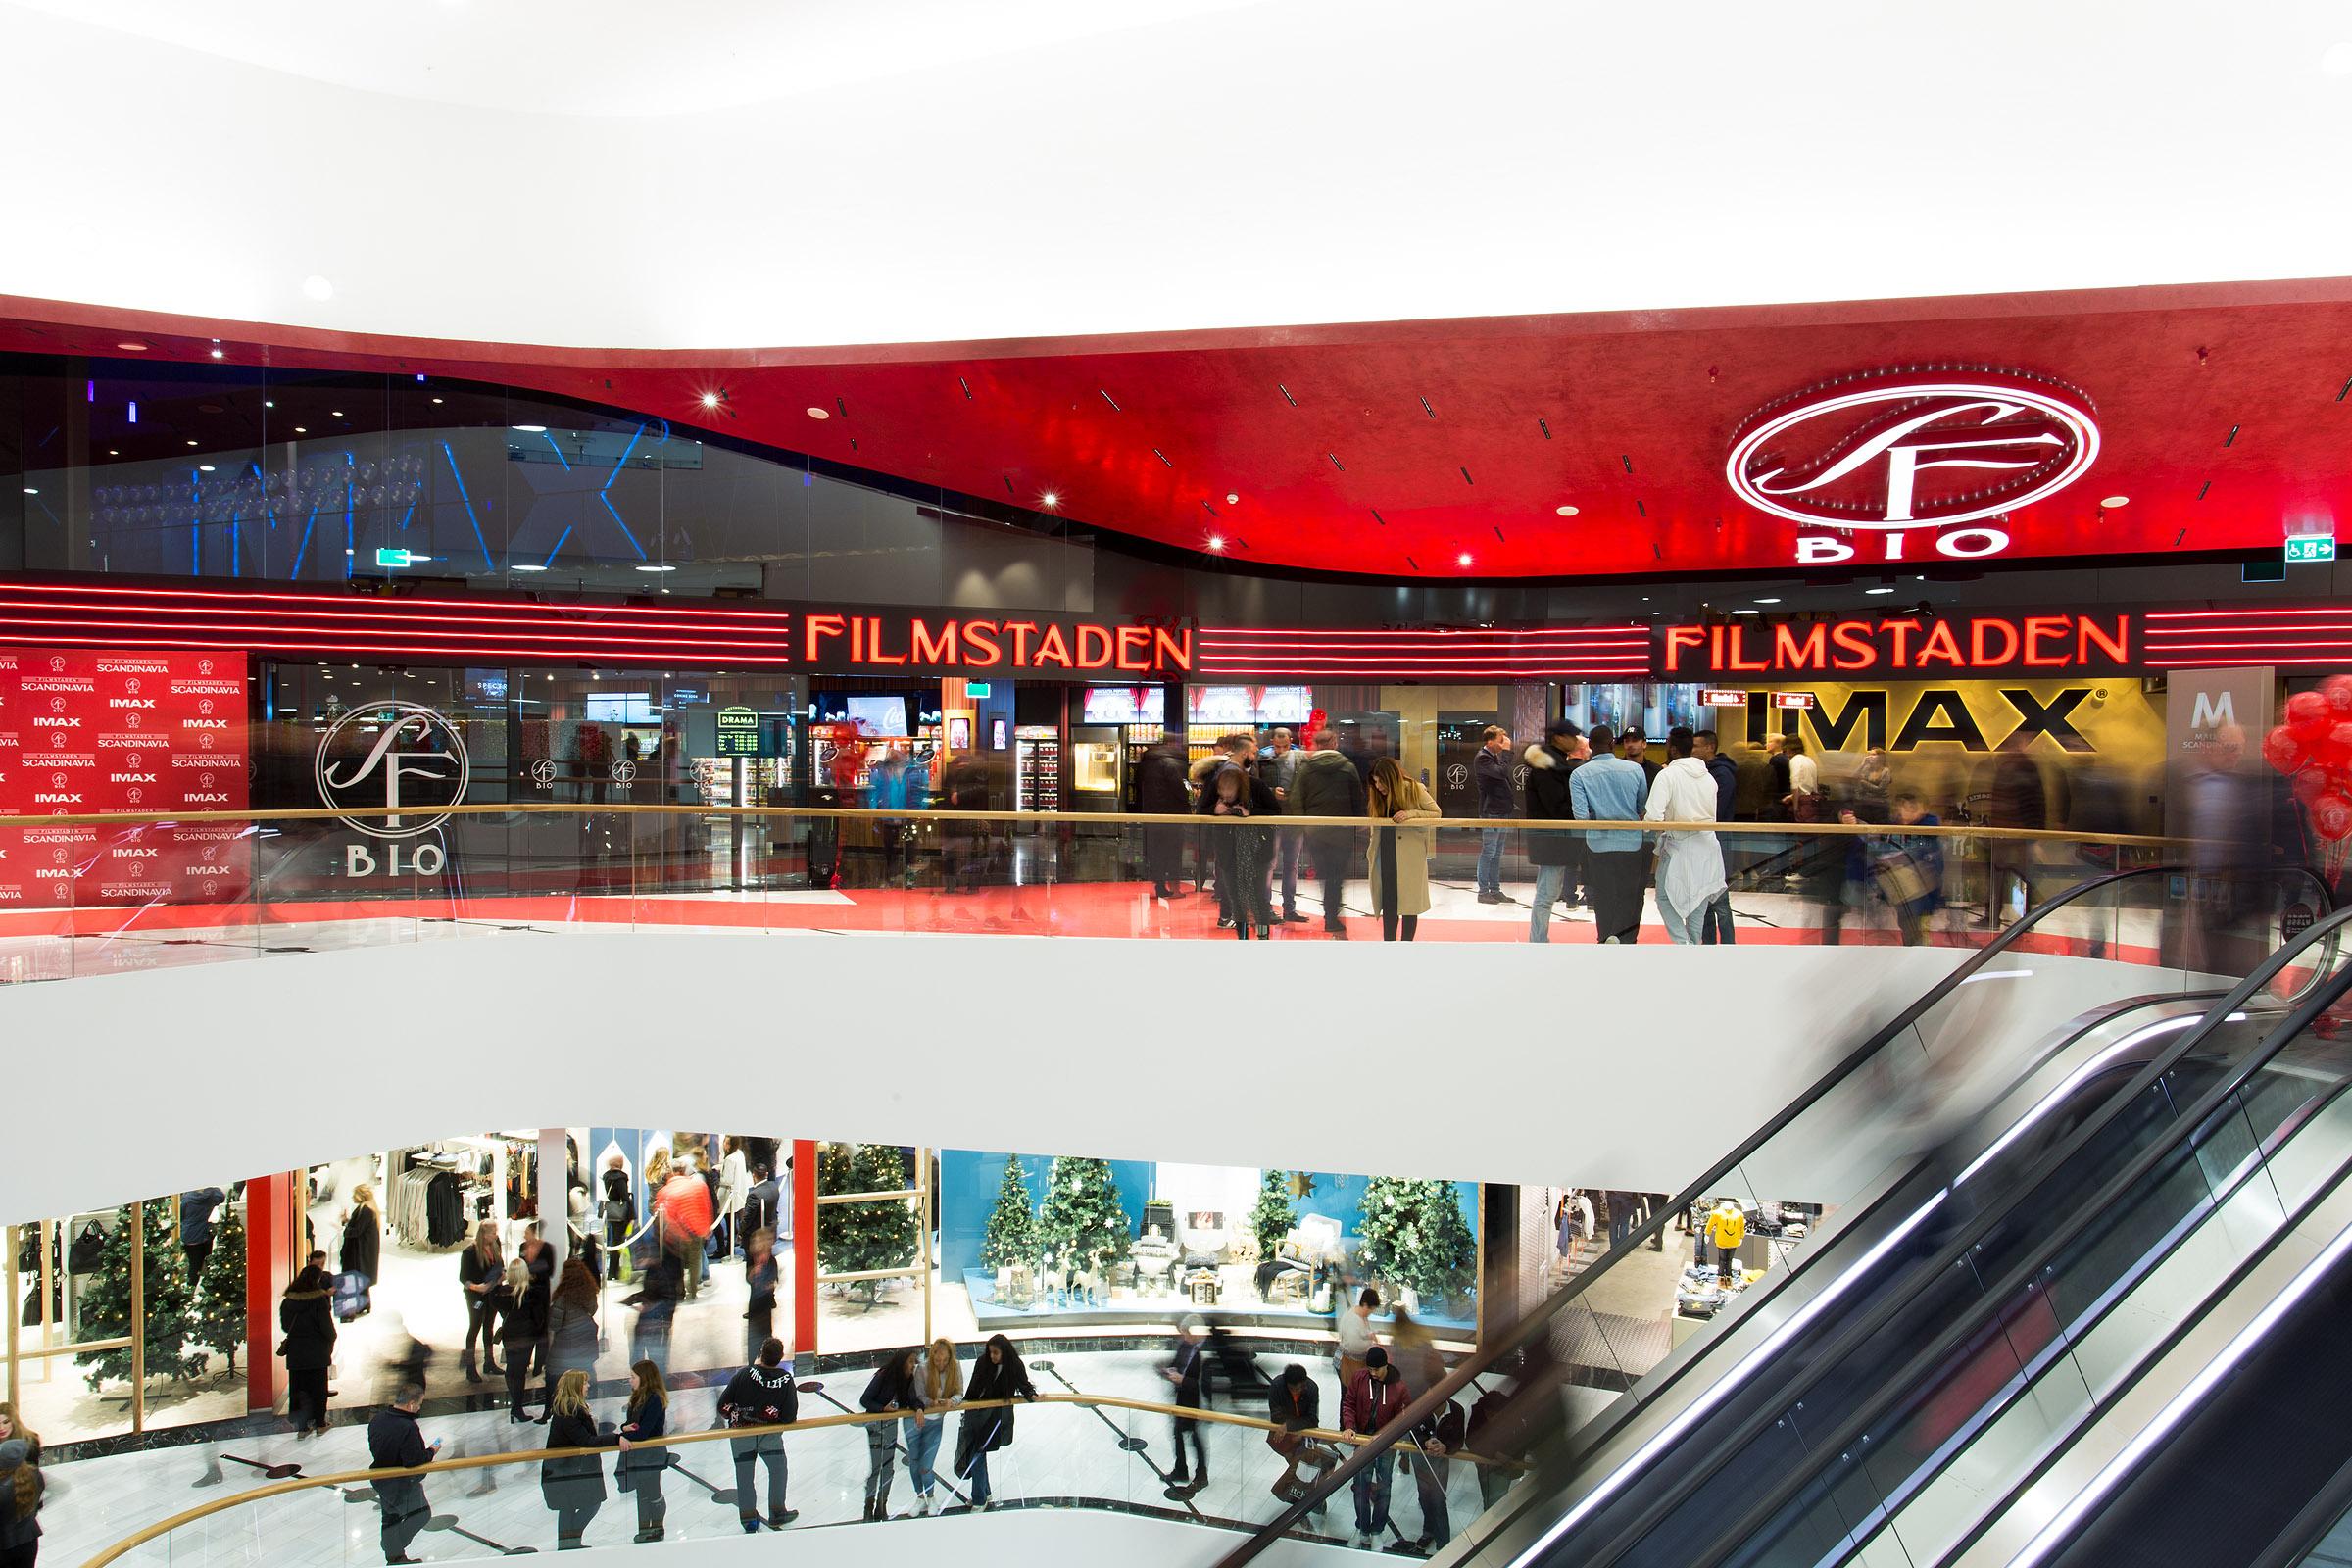 Filmstaden-Mall-of-Scandinavia-11